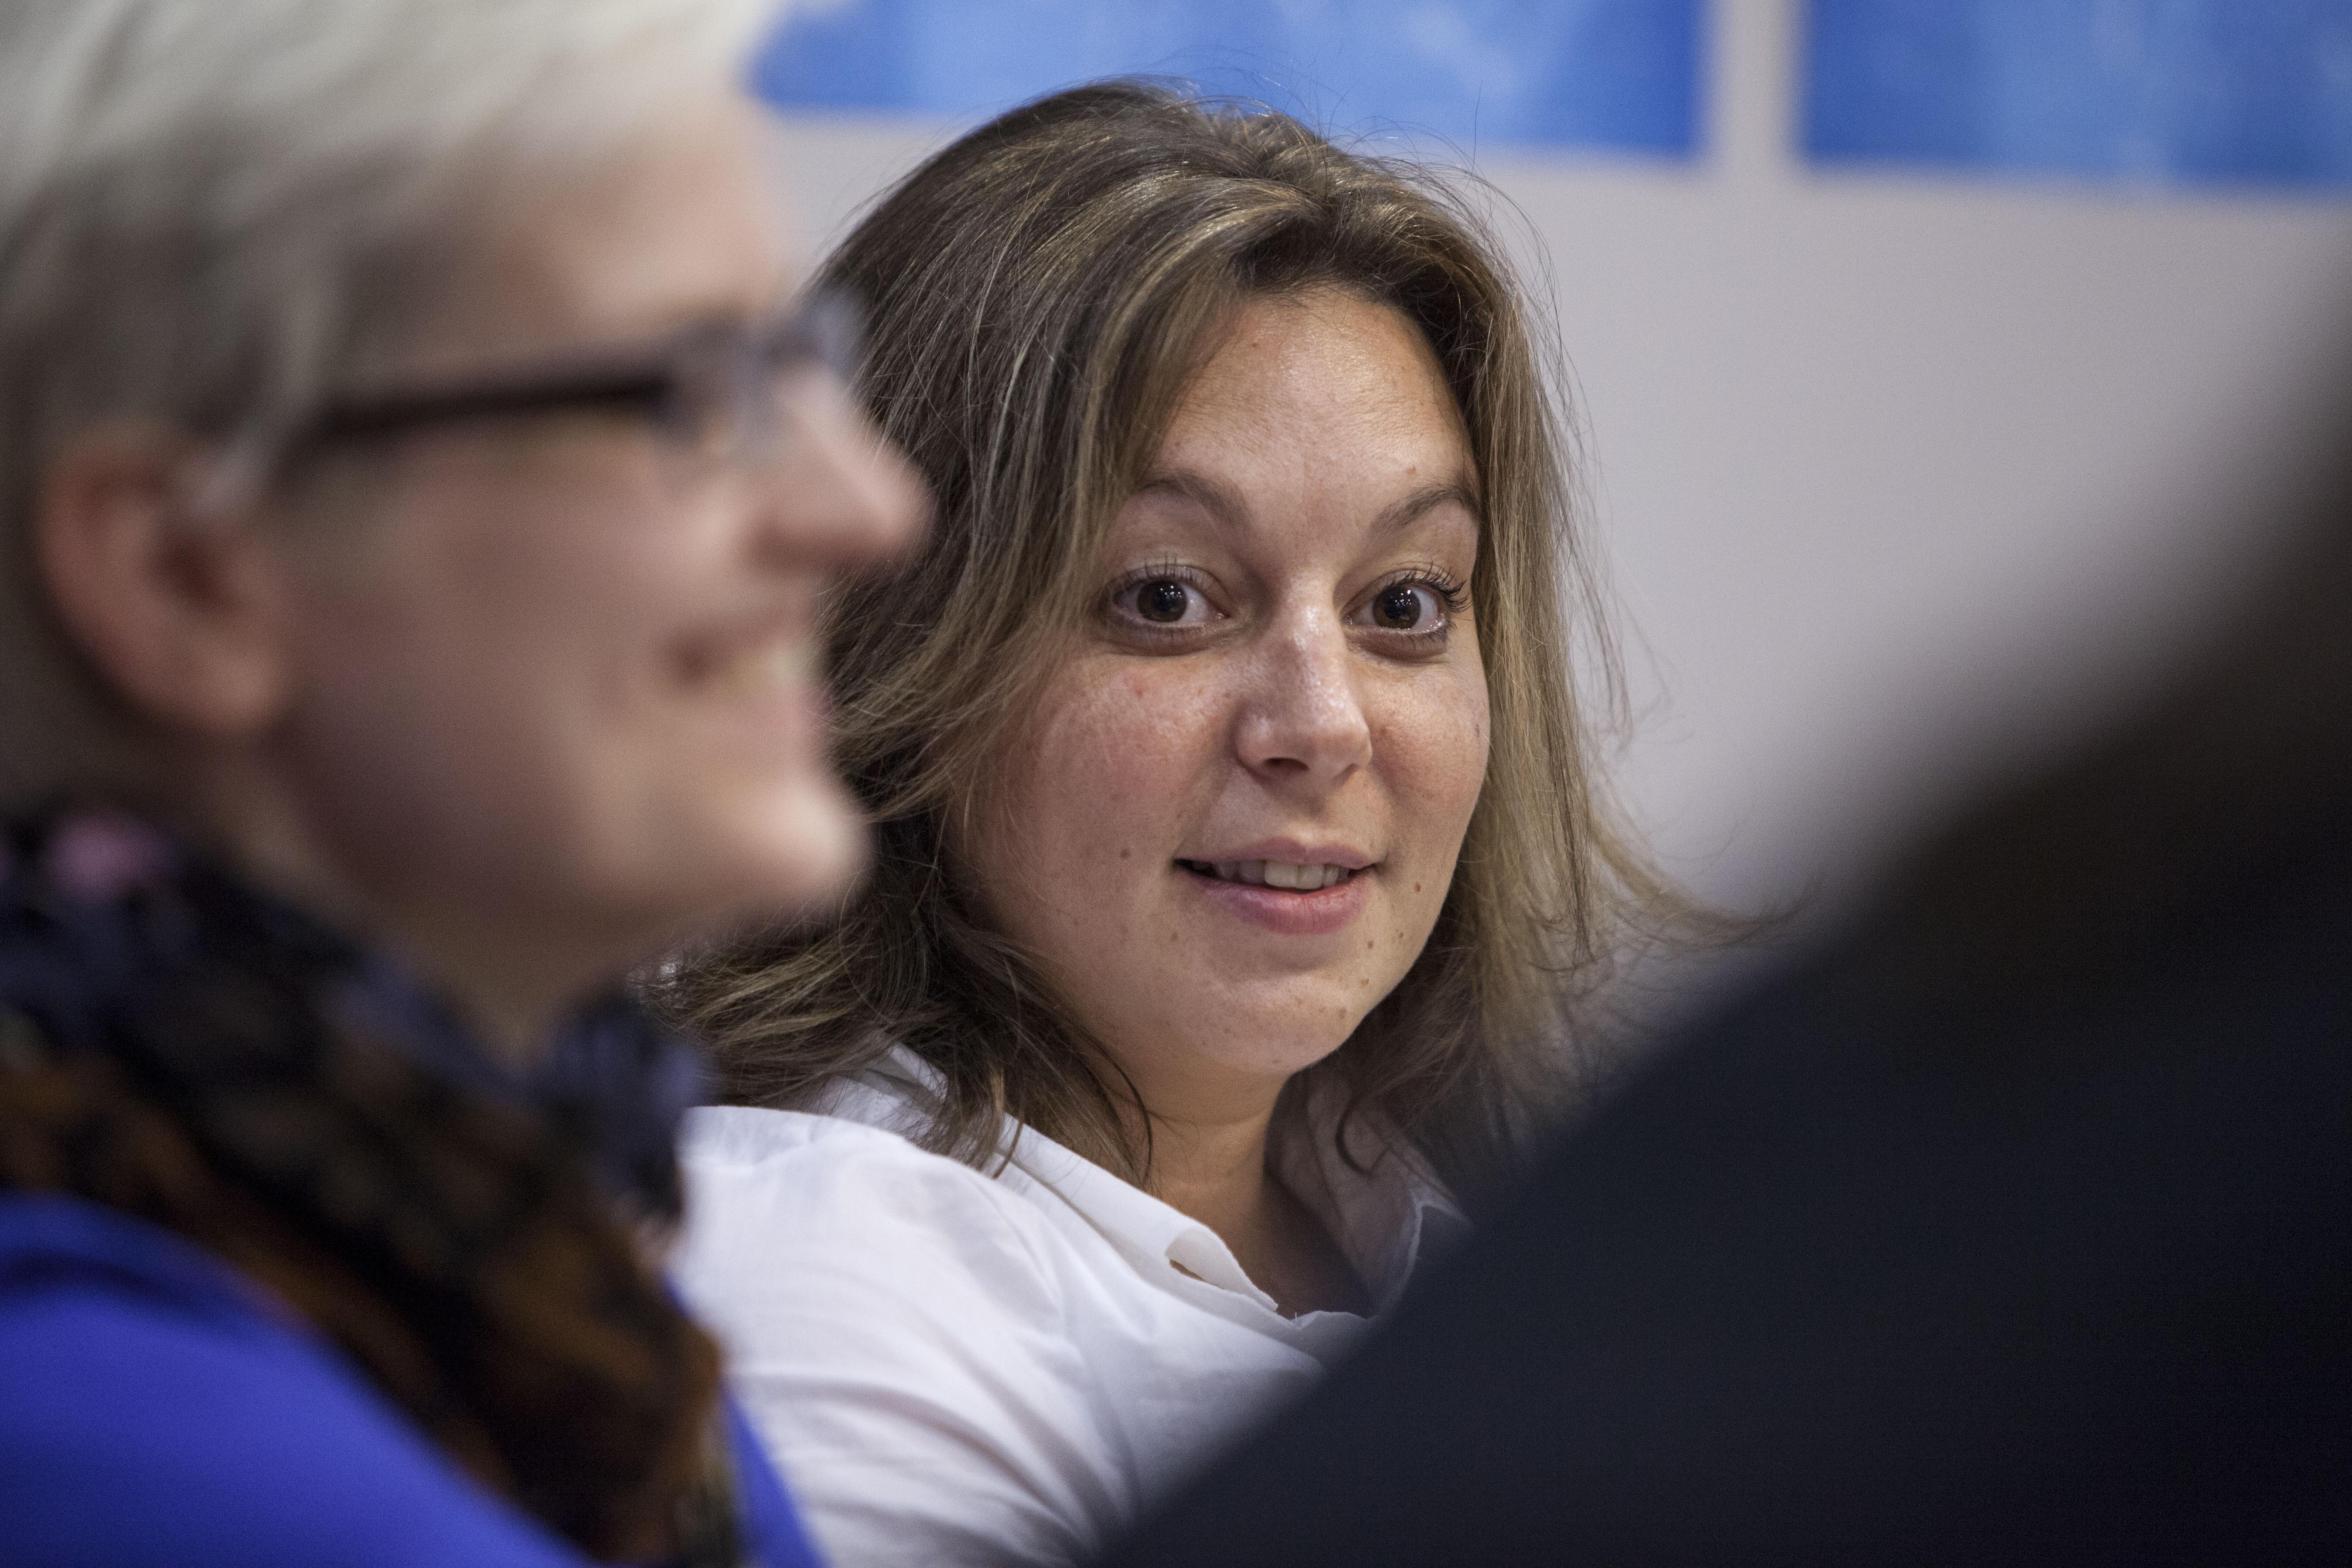 Erika Pogorelc se je izšolala za frizerko. Pri 26 letih je ugotovila, da jo bolj kot sušilniki las zanimajo računalniki. Dokončala je študij na Fakulteti za računalništvo in informatiko, se za eno leto preselila v Kanado in po vrnitvi domov odkrila svojo